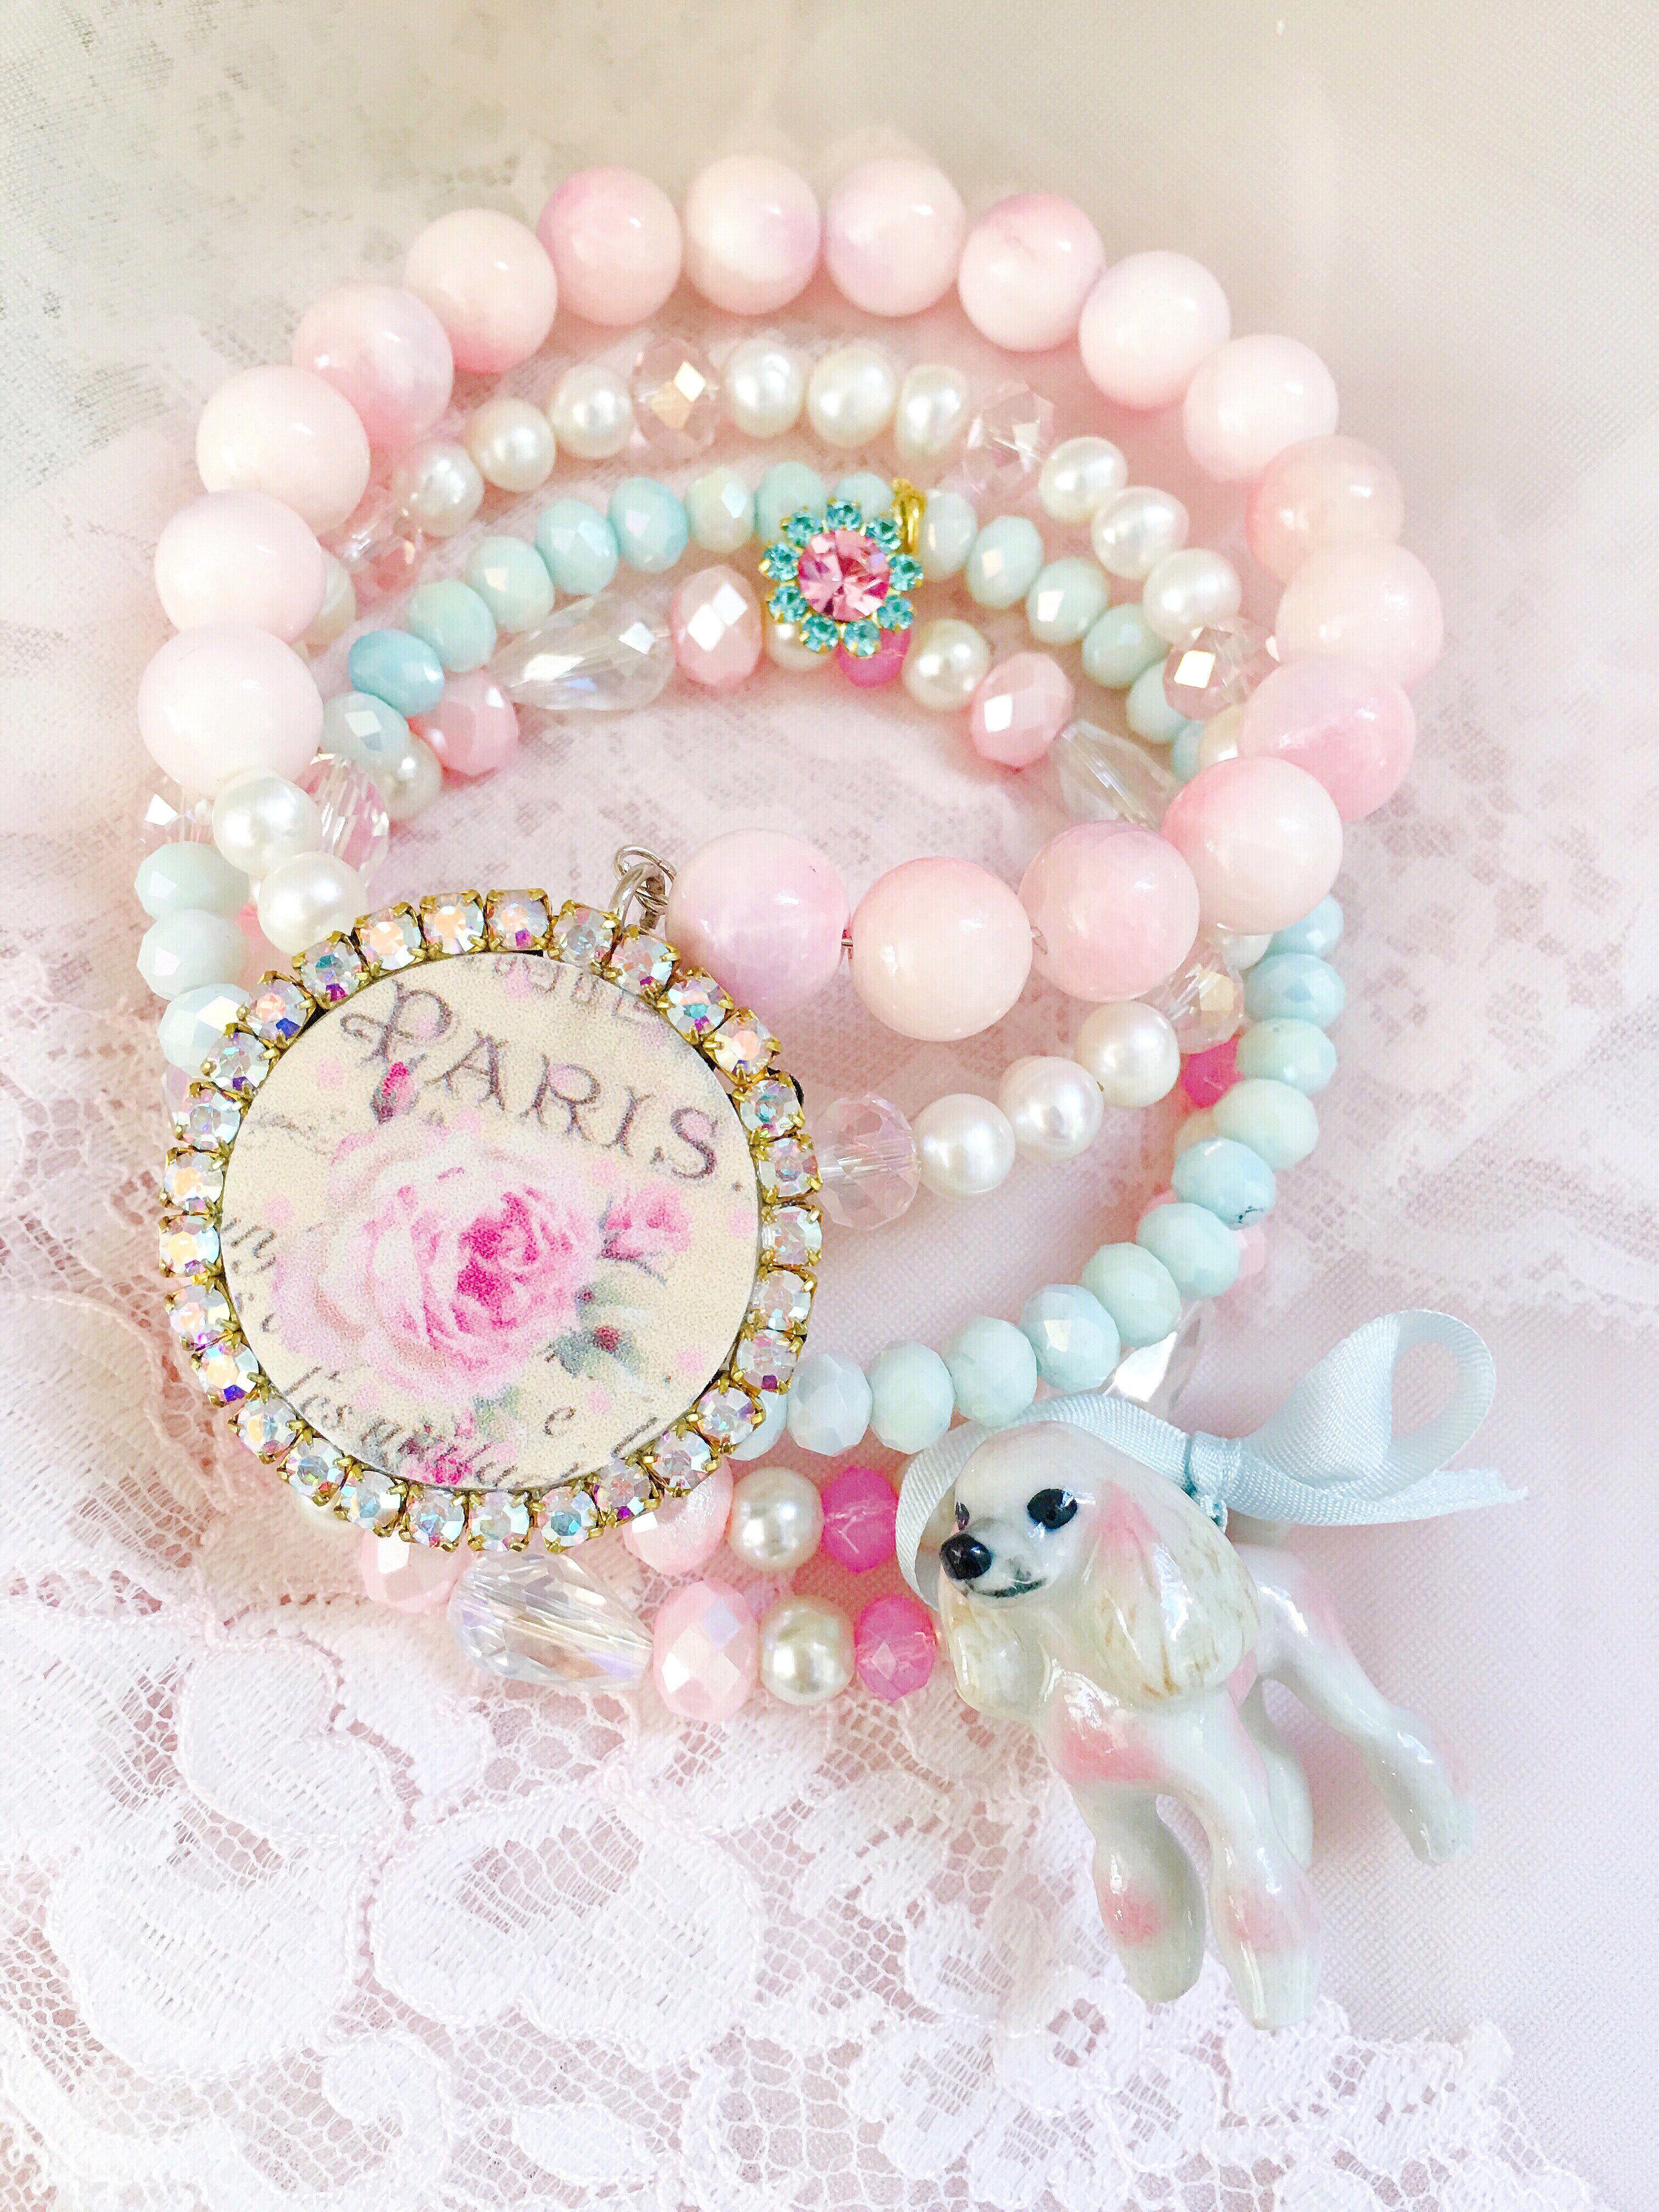 Poodle Paris Charm Bracelet  by Jennifer Hayslip www.jenniferhayslip.com  #poodle #paris #bracelet #charm #girlie #glam